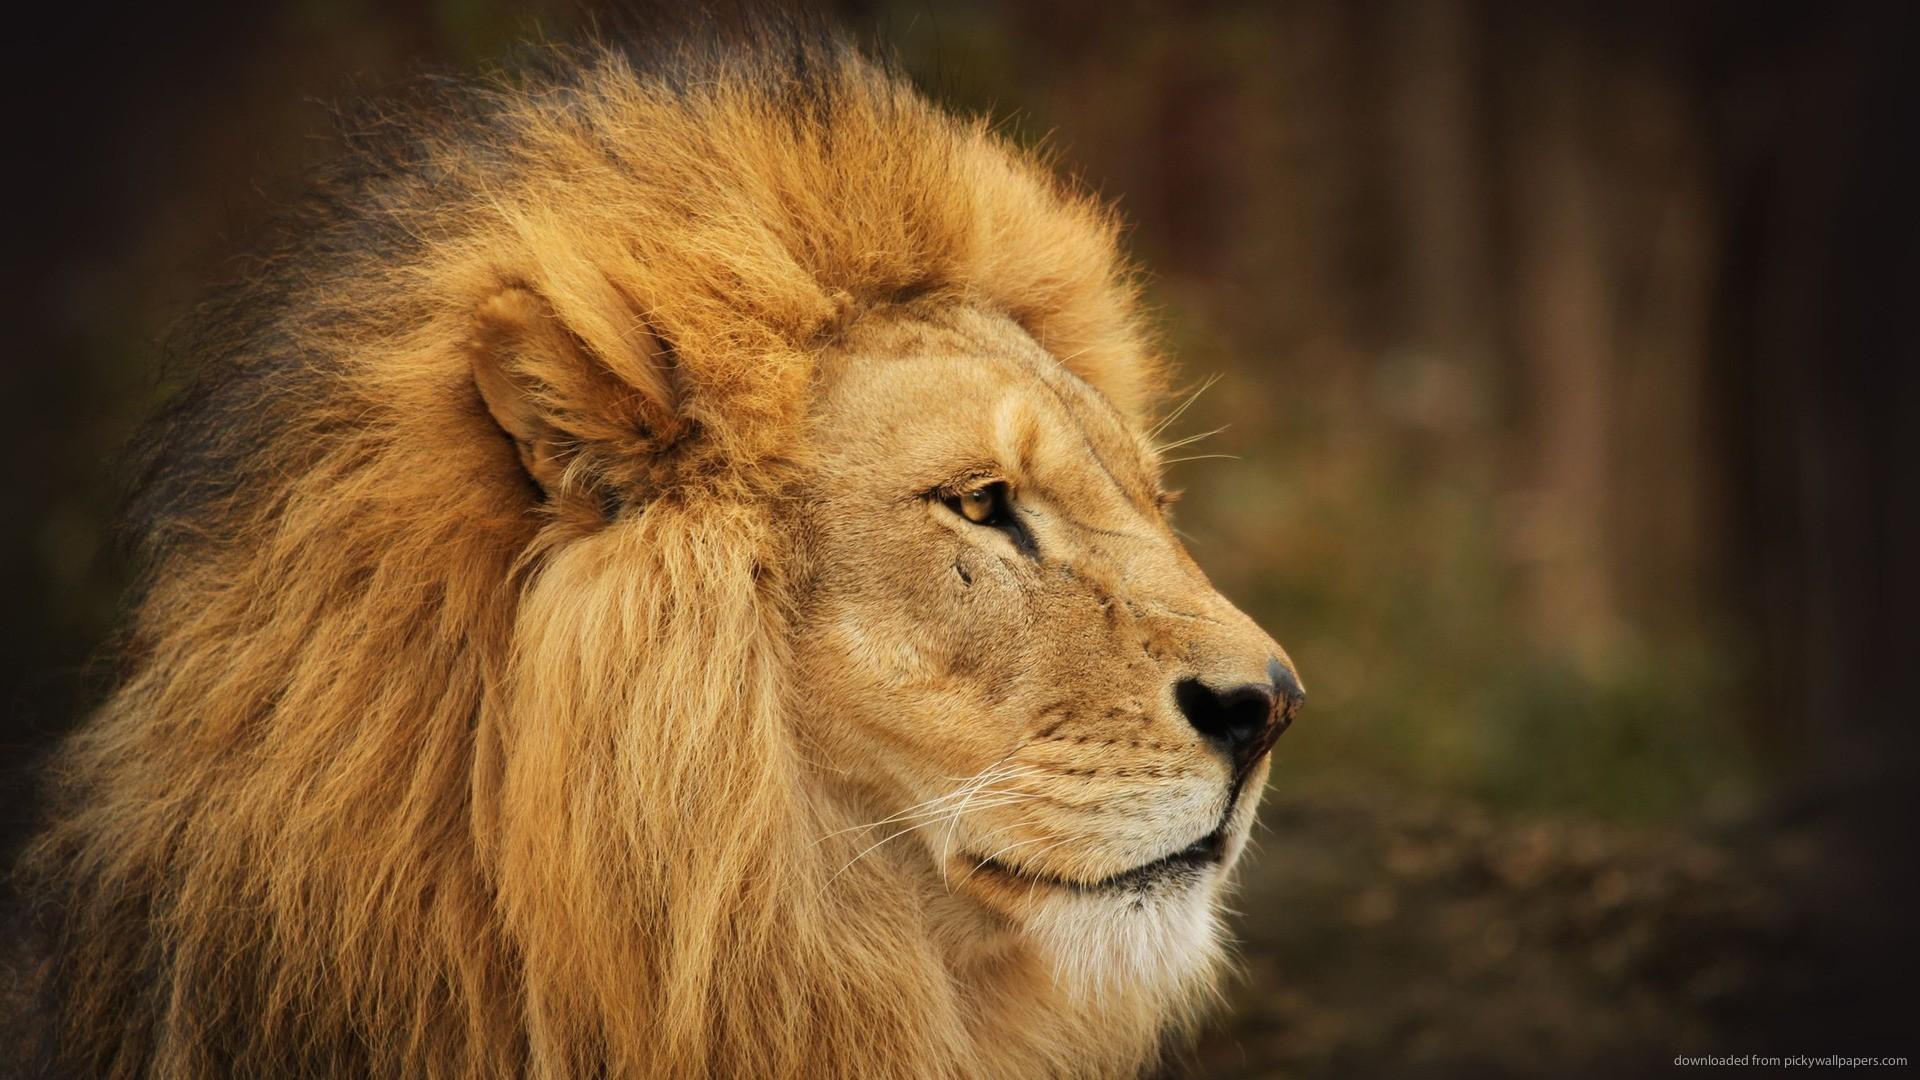 Male Lion Faces Wallpaper ·①